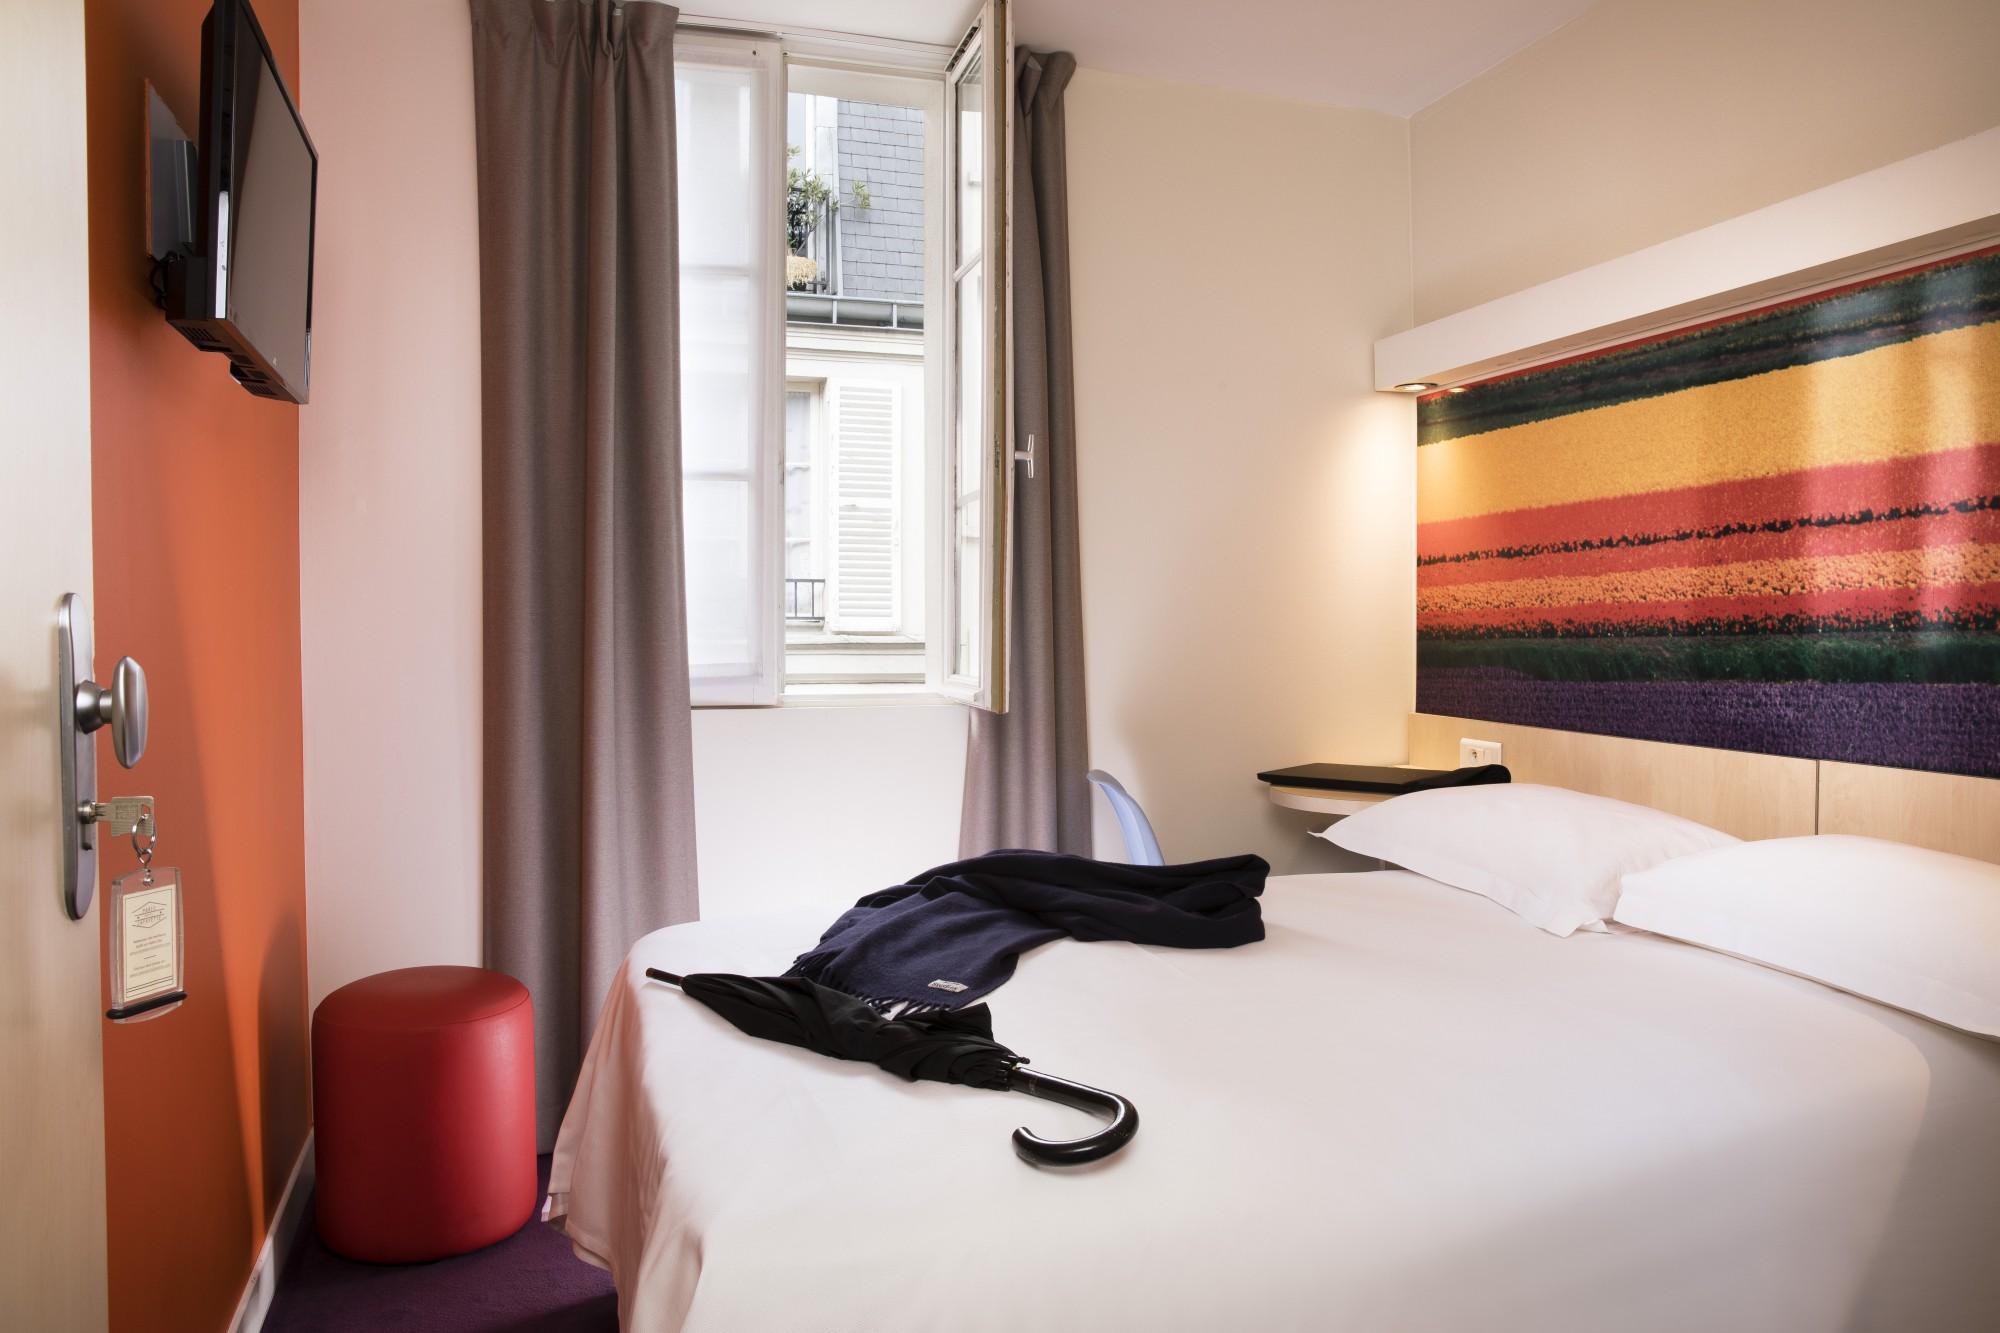 HABITACIONES  HABITACIN INDIVIDUAL Hotel Paris  Htel